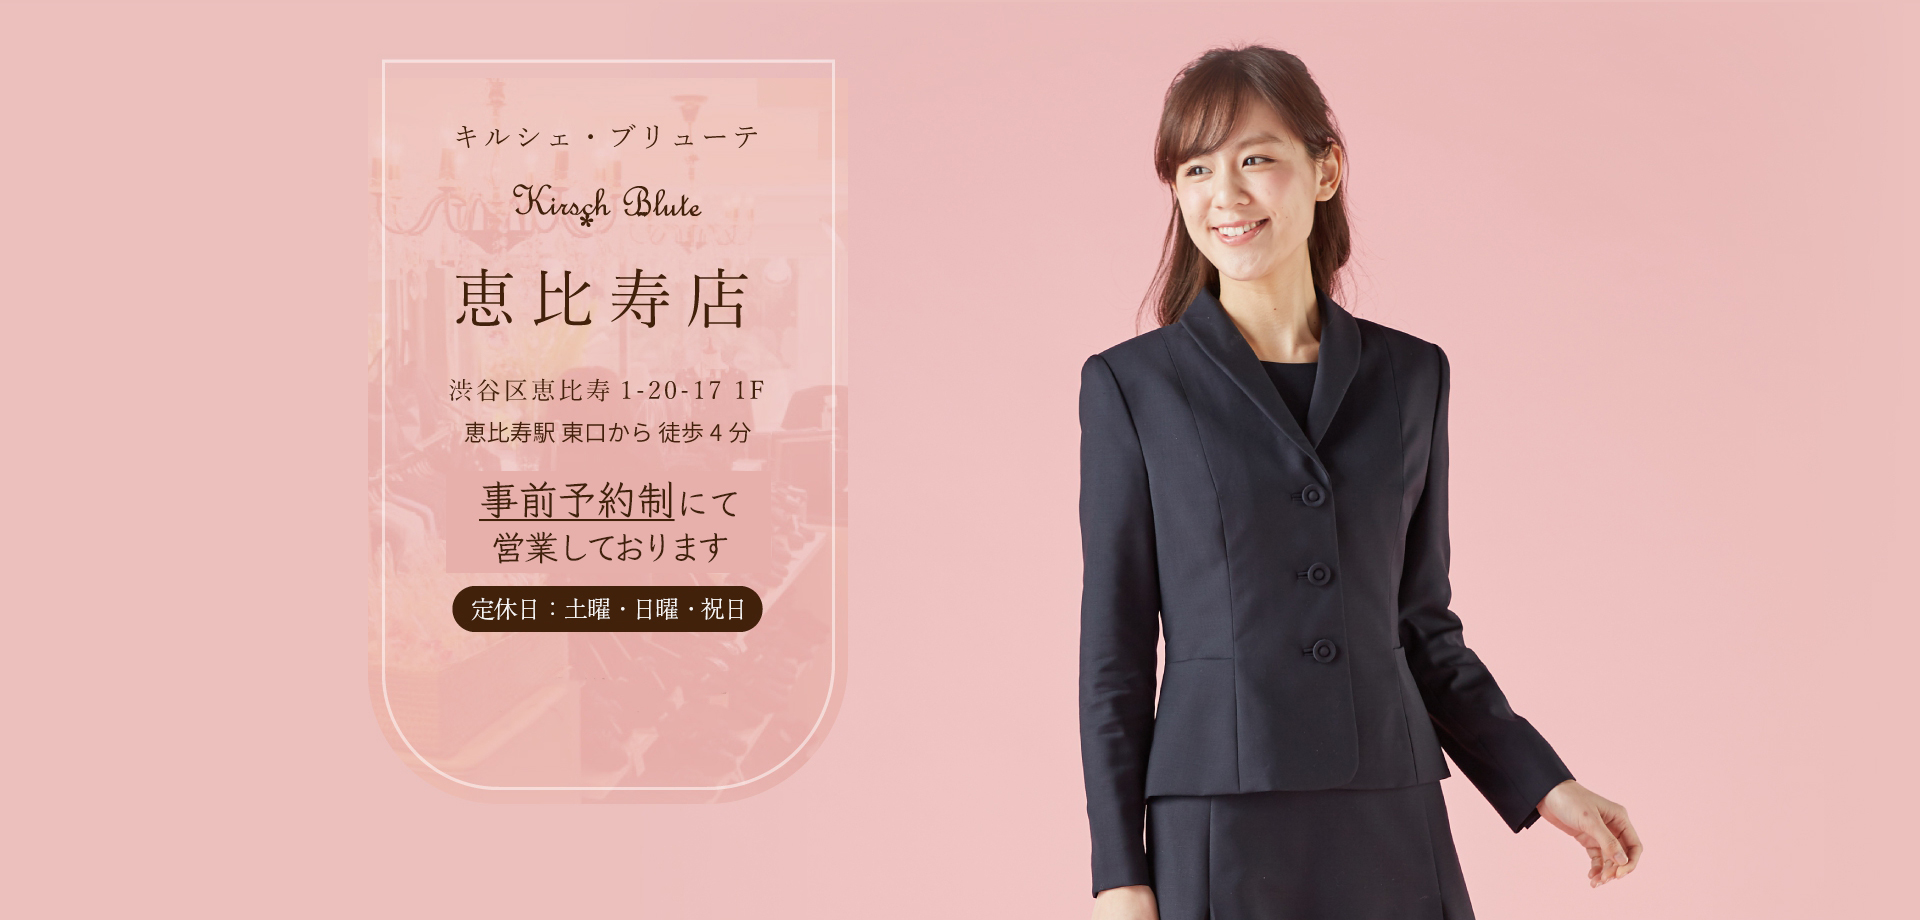 機能と品質にこだわった 日本製サブバッグ